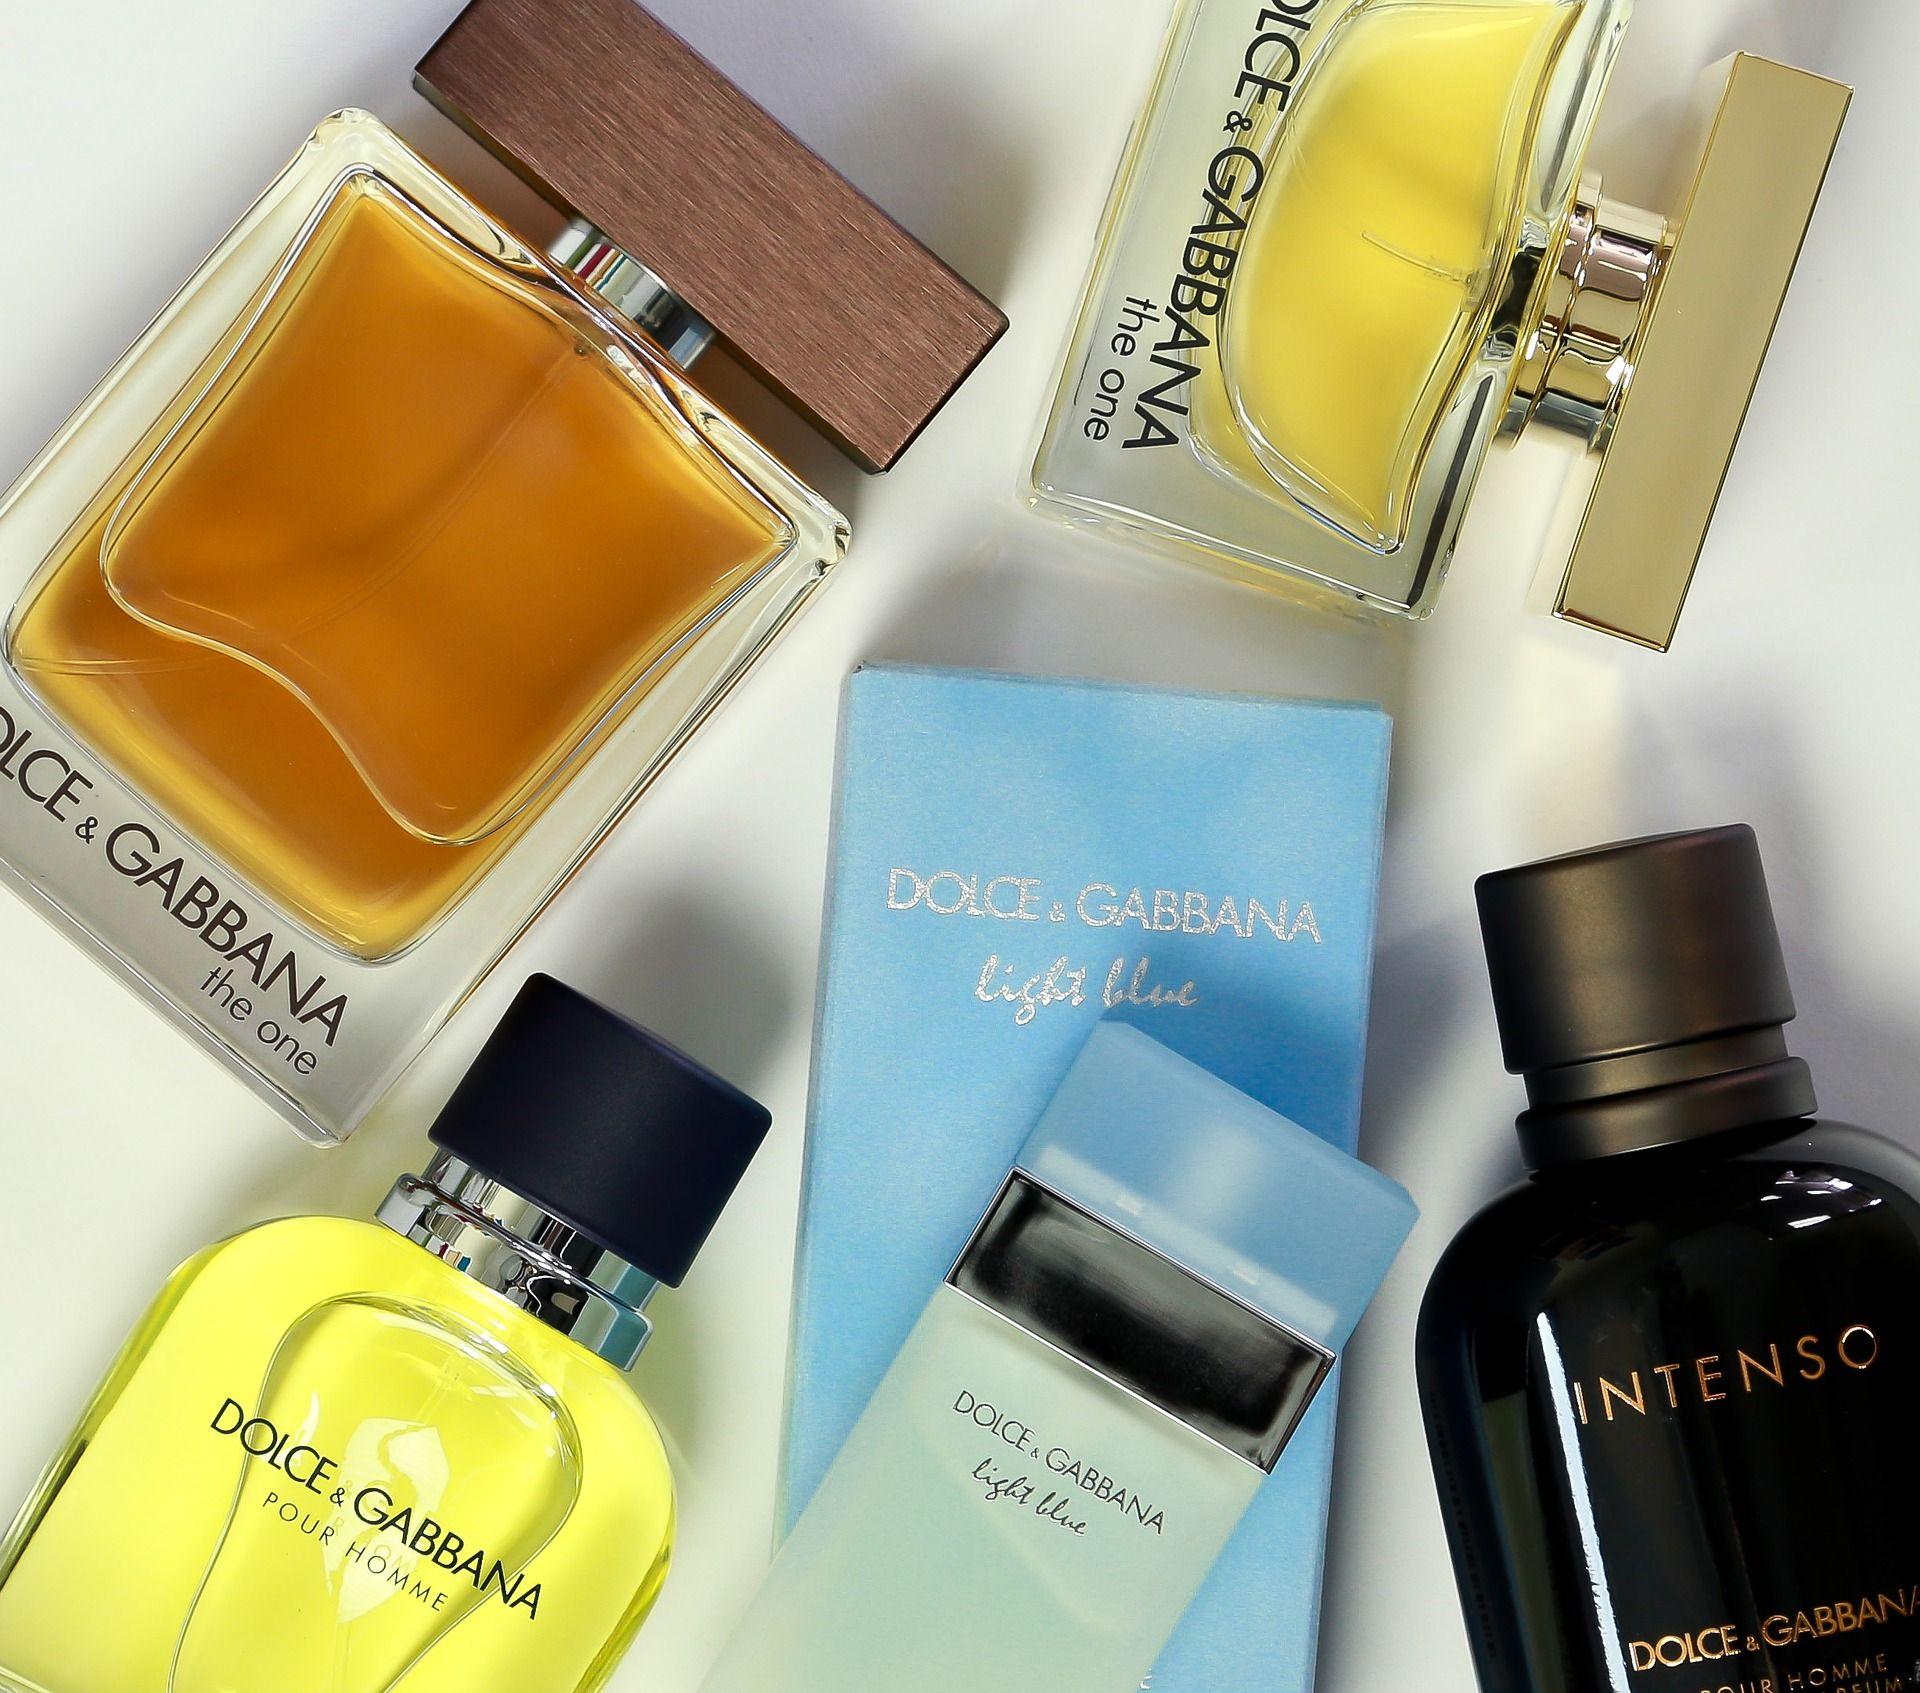 高級メンズ香水の代表的ブランド